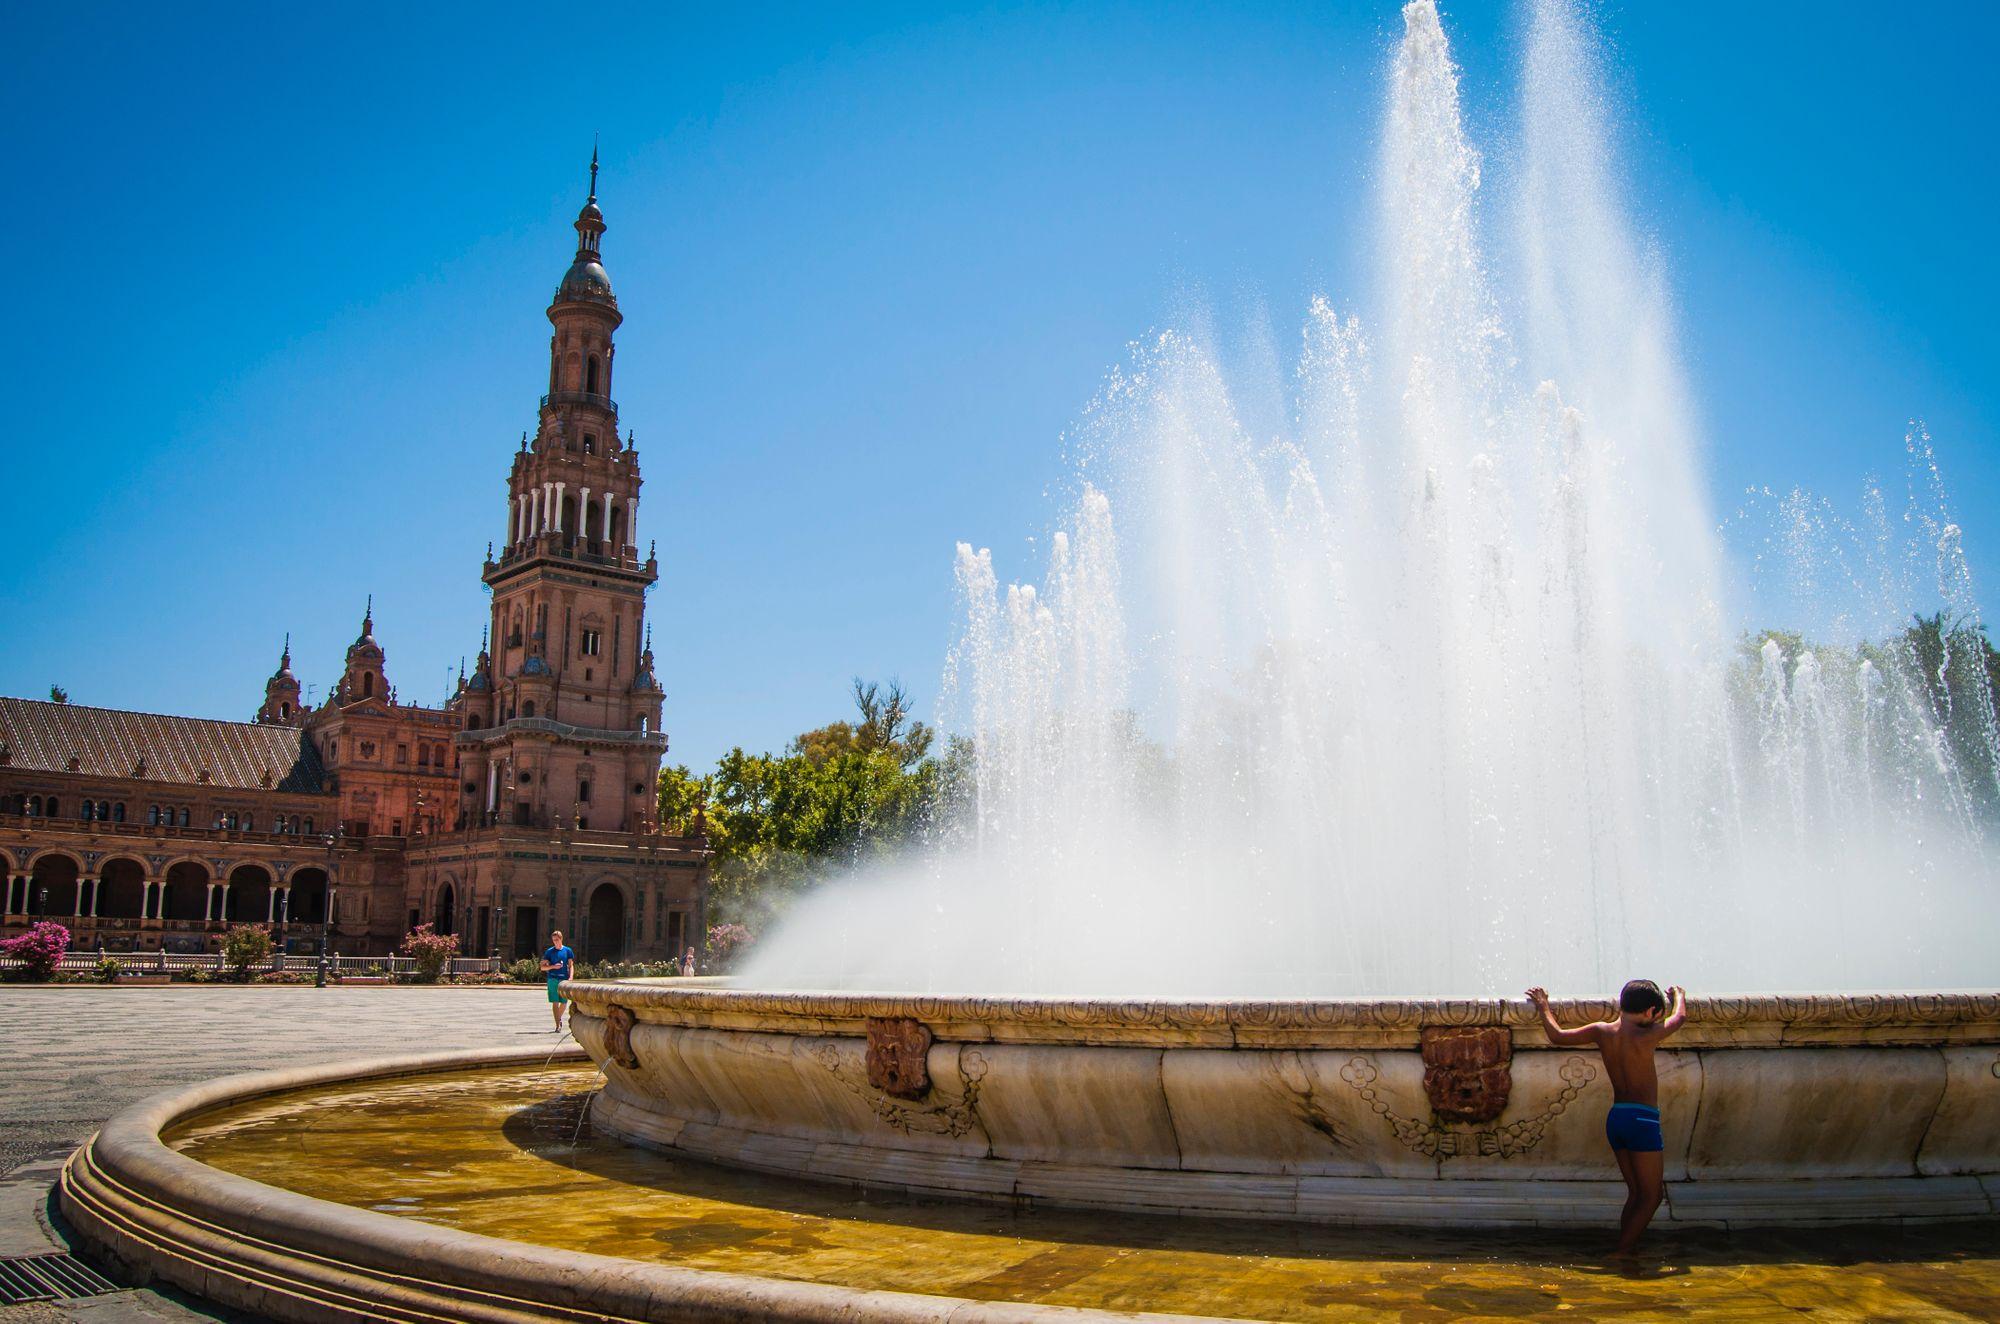 enfant en maillot de bain devant la fontaine de la place d'Espagne à Séville en Espagne